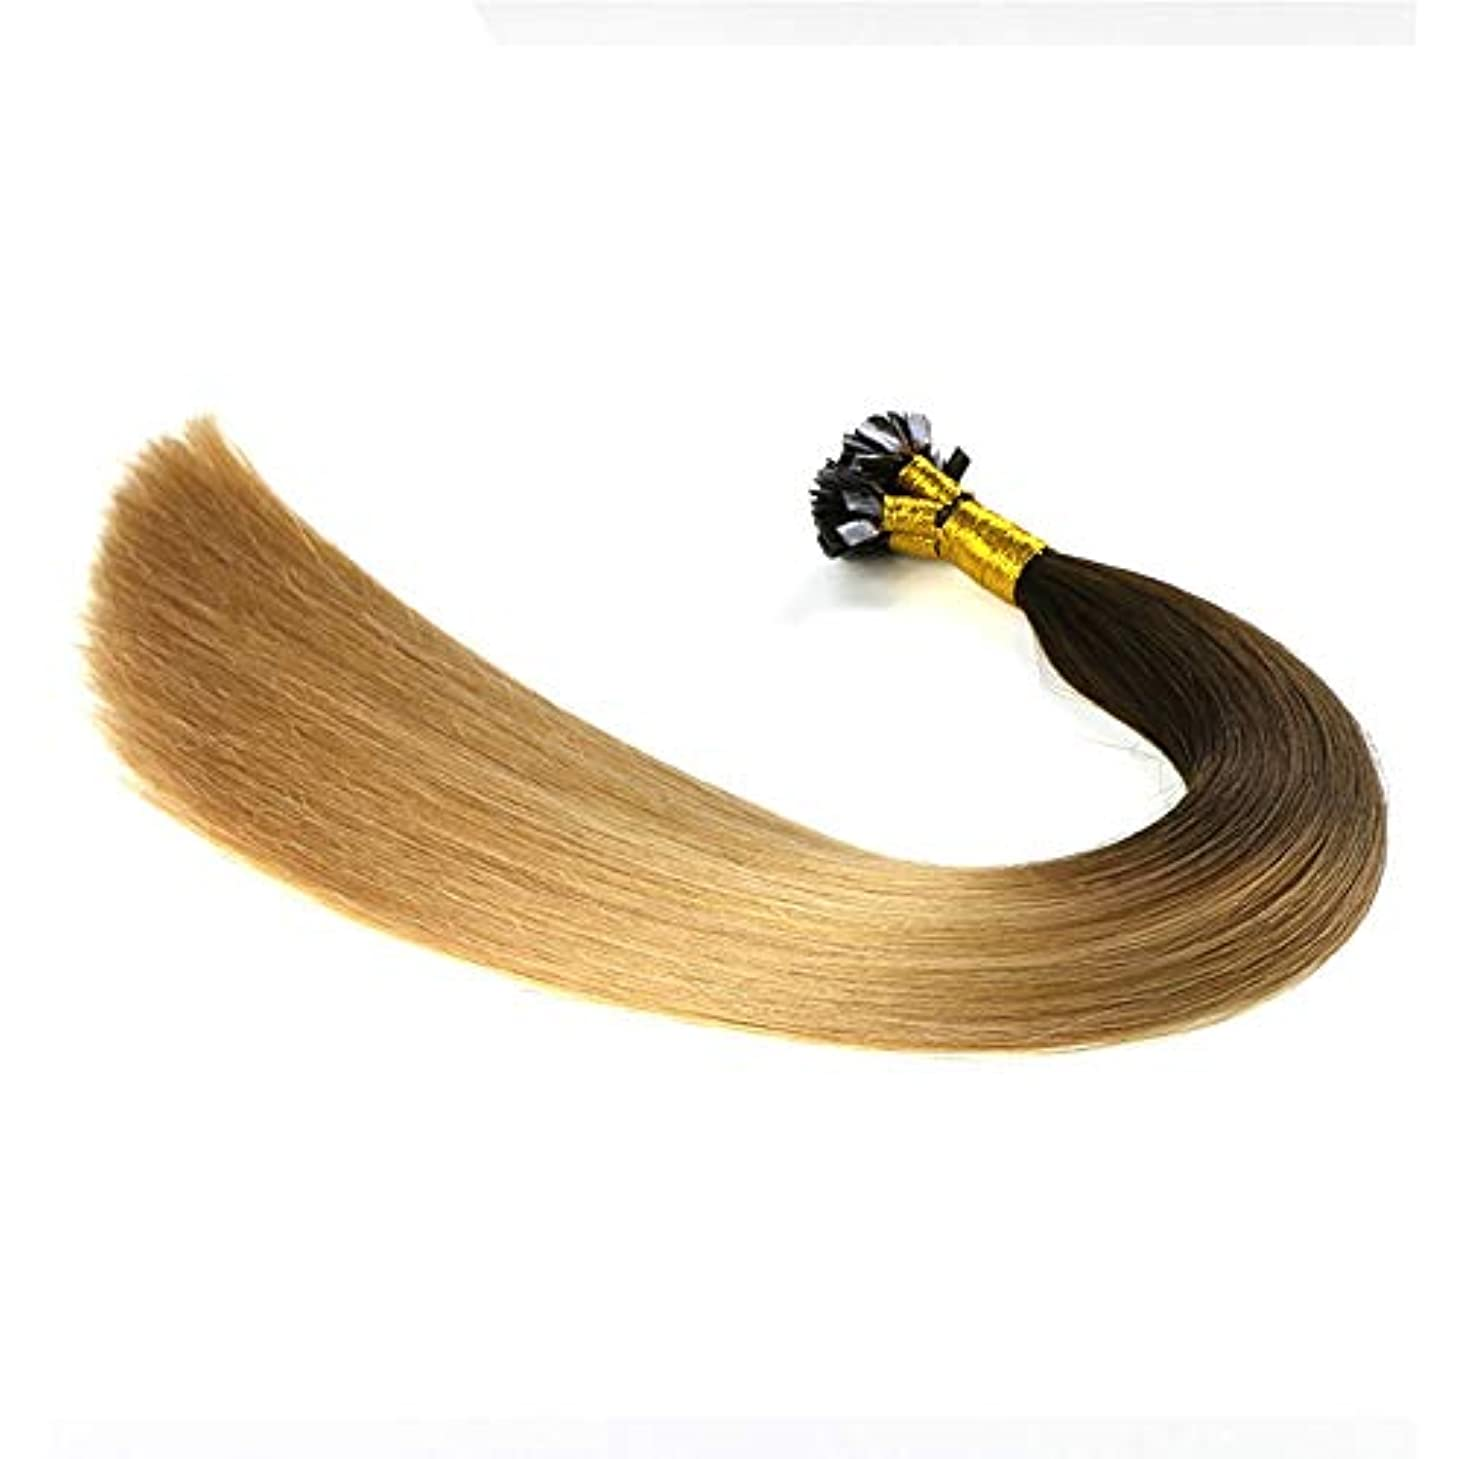 重要な役割を果たす、中心的な手段となるガード次へWASAIO ヘアエクステンションクリップのシームレスな髪型ナノリングオンブルトップ金ぴかブラウンボトムハイライトブロンドダブル描かれた人間の髪 (色 : Blonde, サイズ : 24 inch)